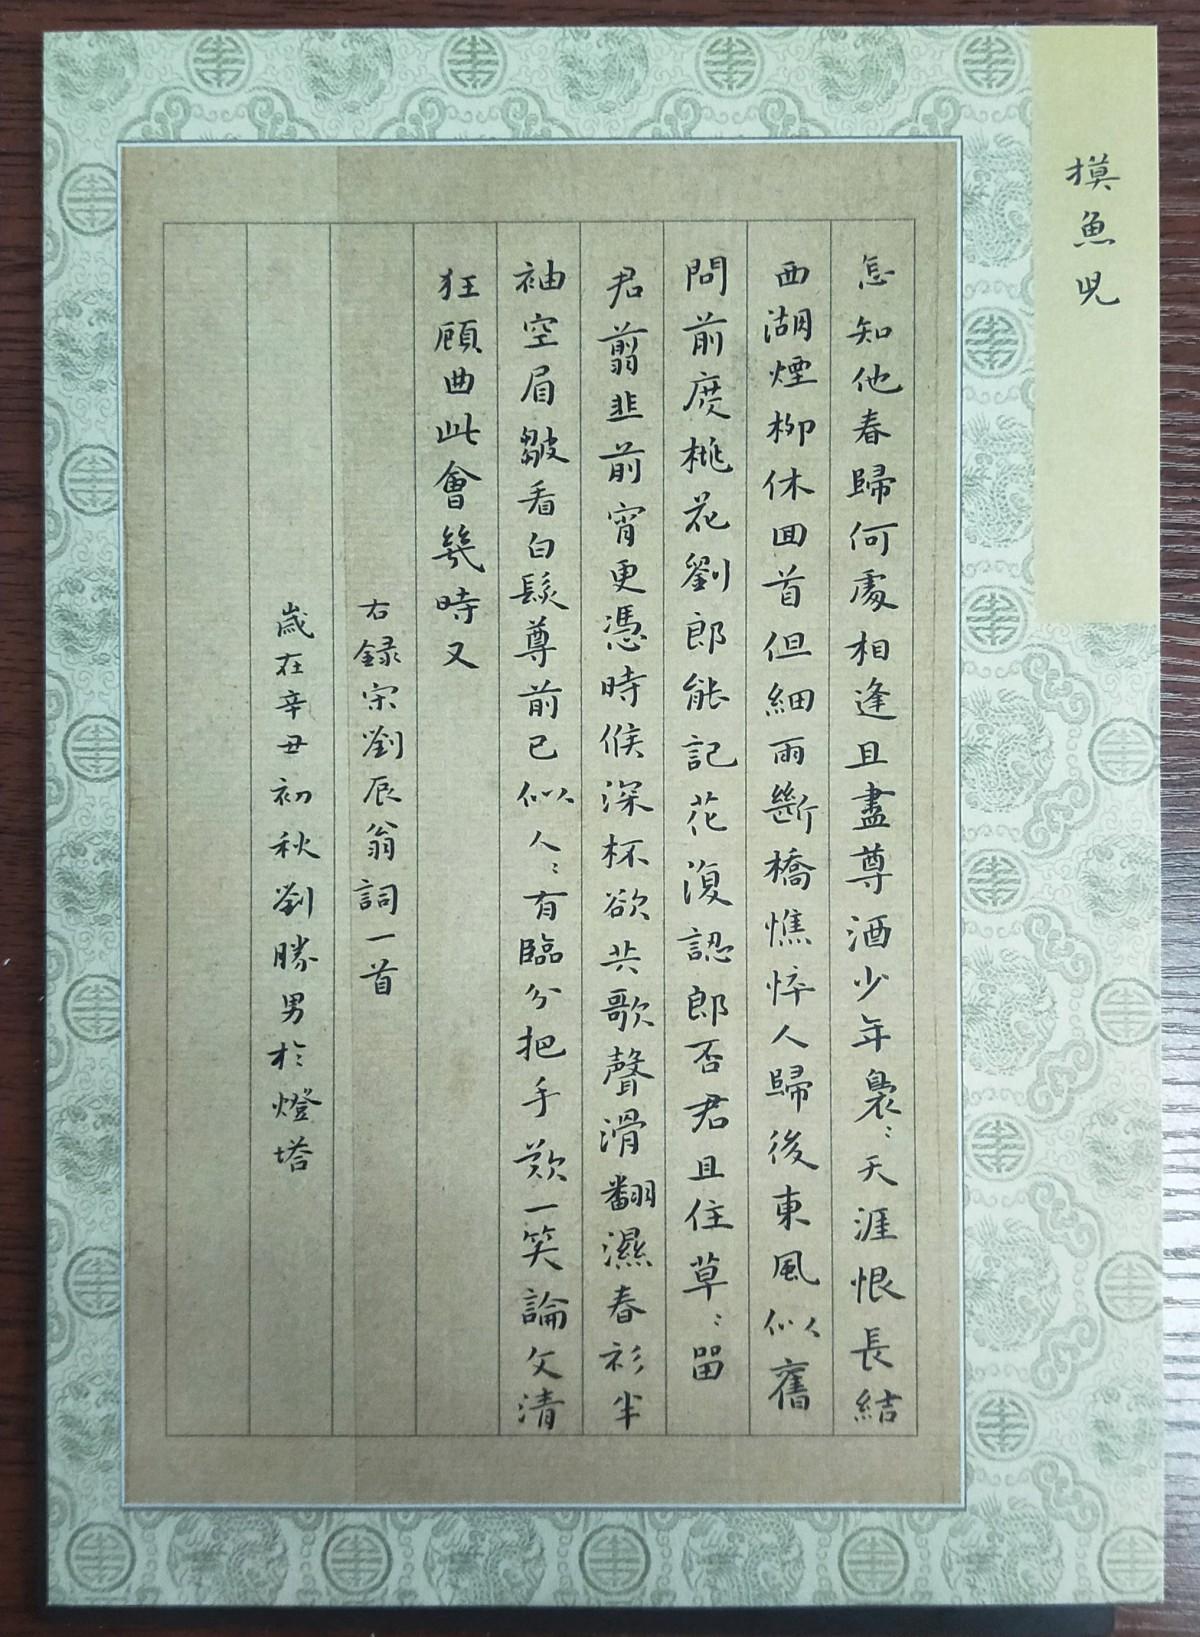 钢笔书法练字打卡20211012-30